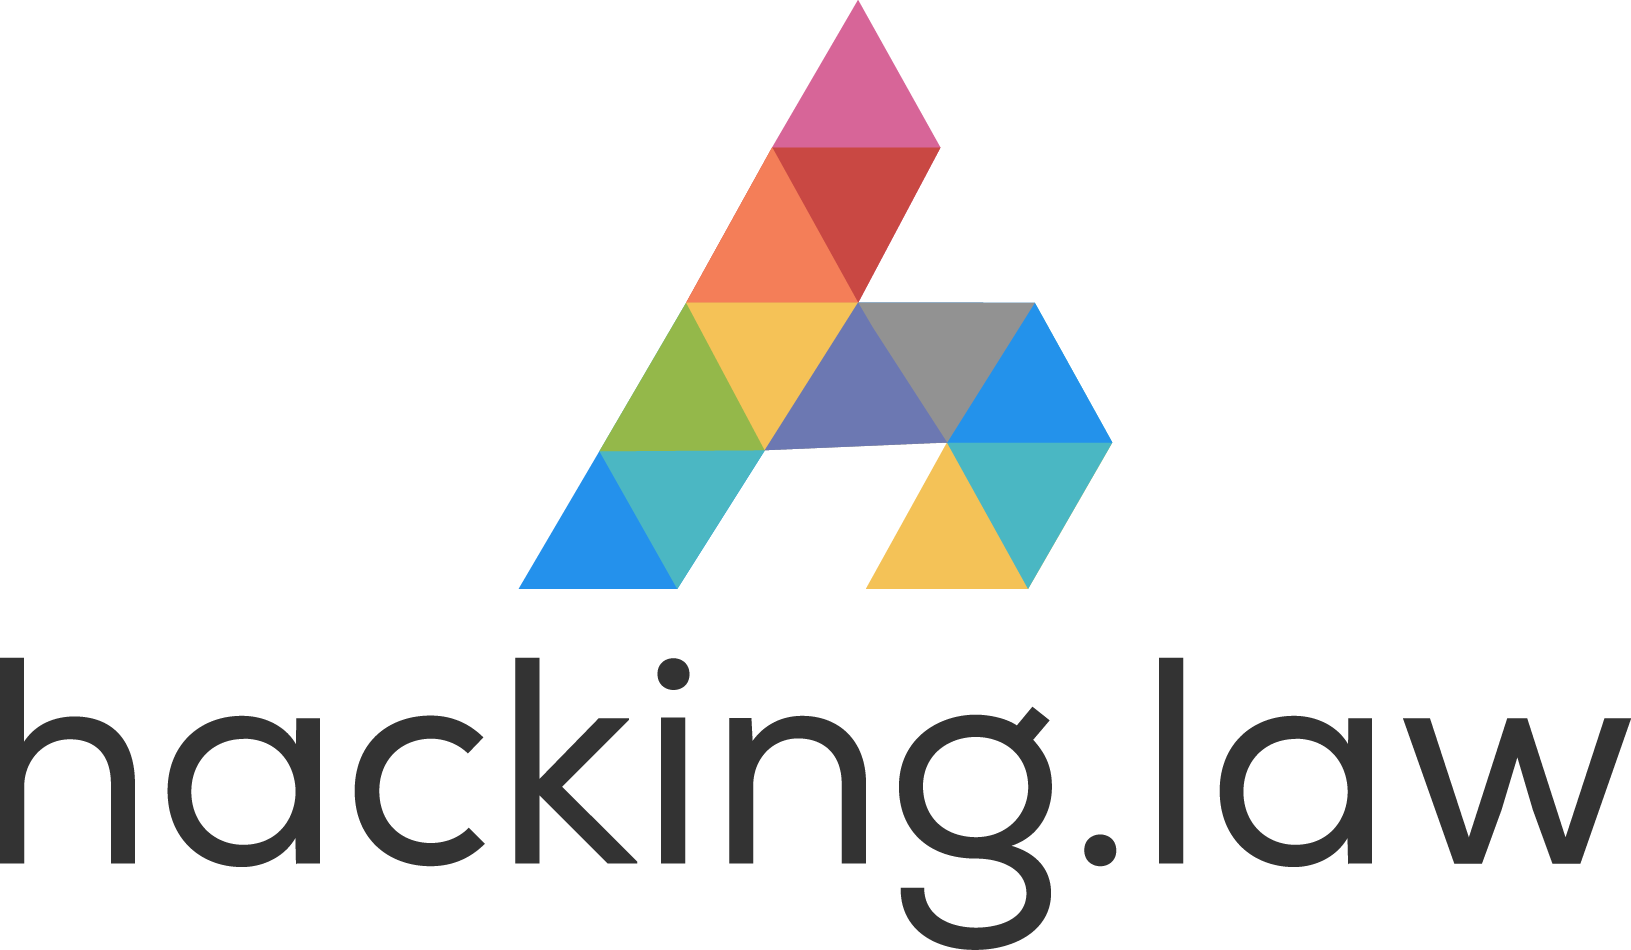 Berlin Legaltech 2018 - hacking.law